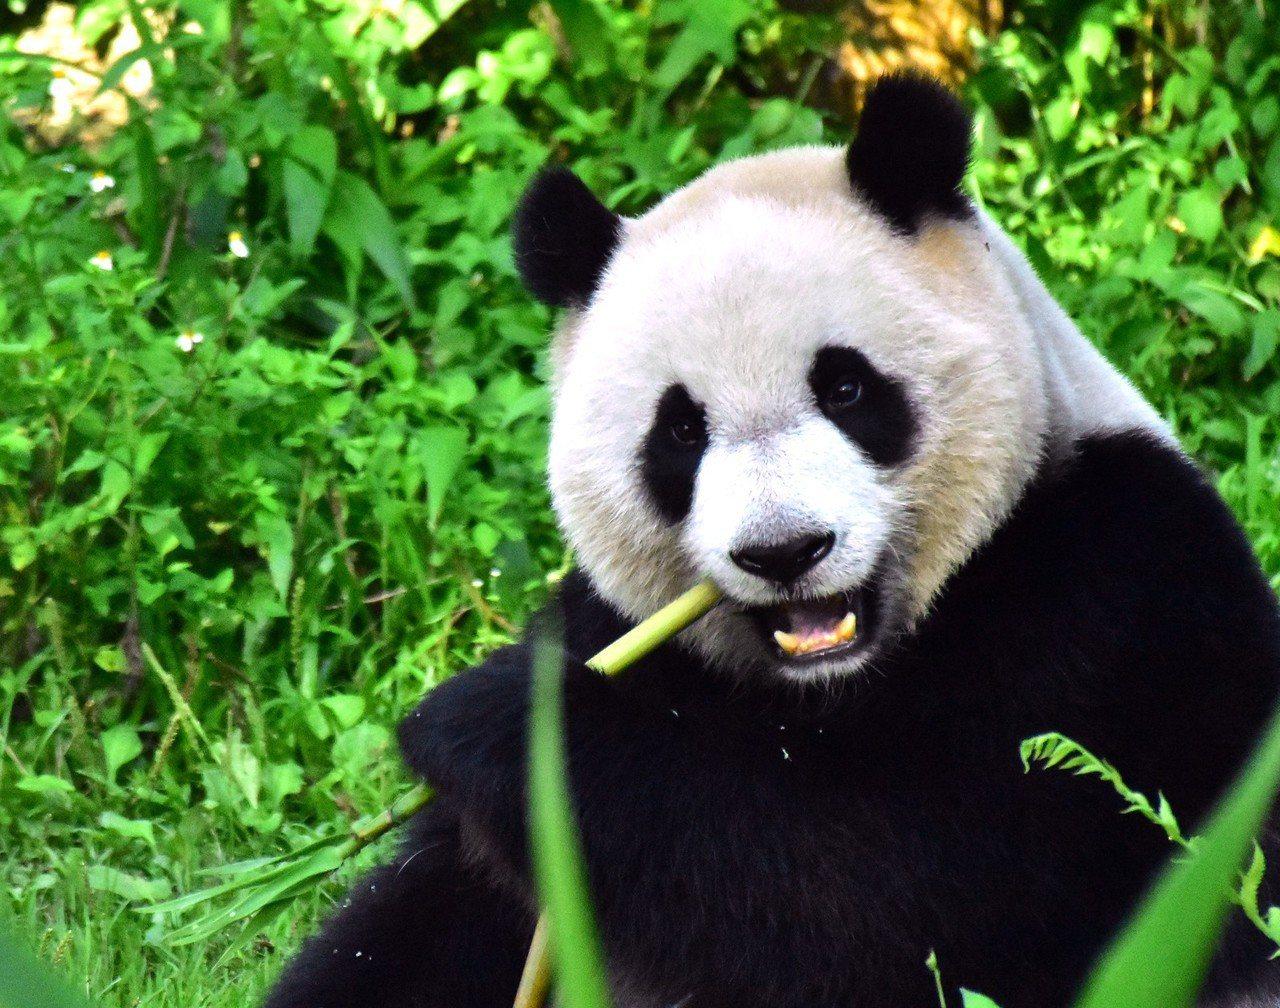 竹筍讓圓仔愛不釋手。圖/台北市立動物園提供